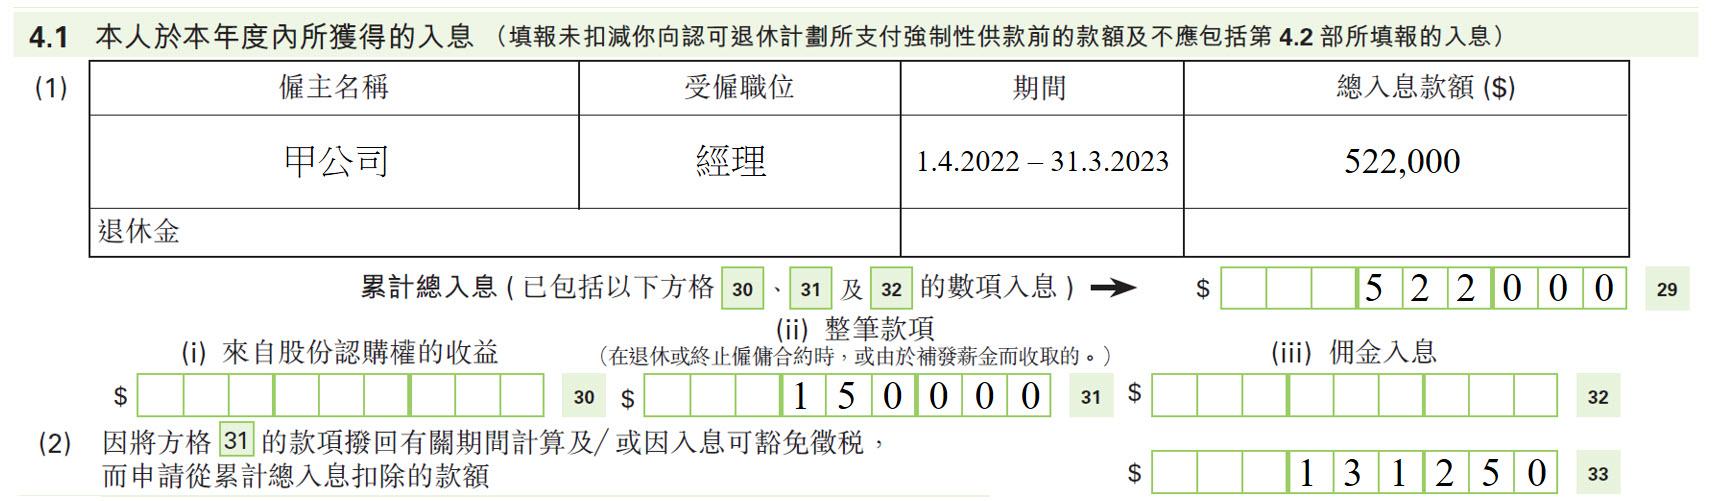 填寫個別人士報稅表